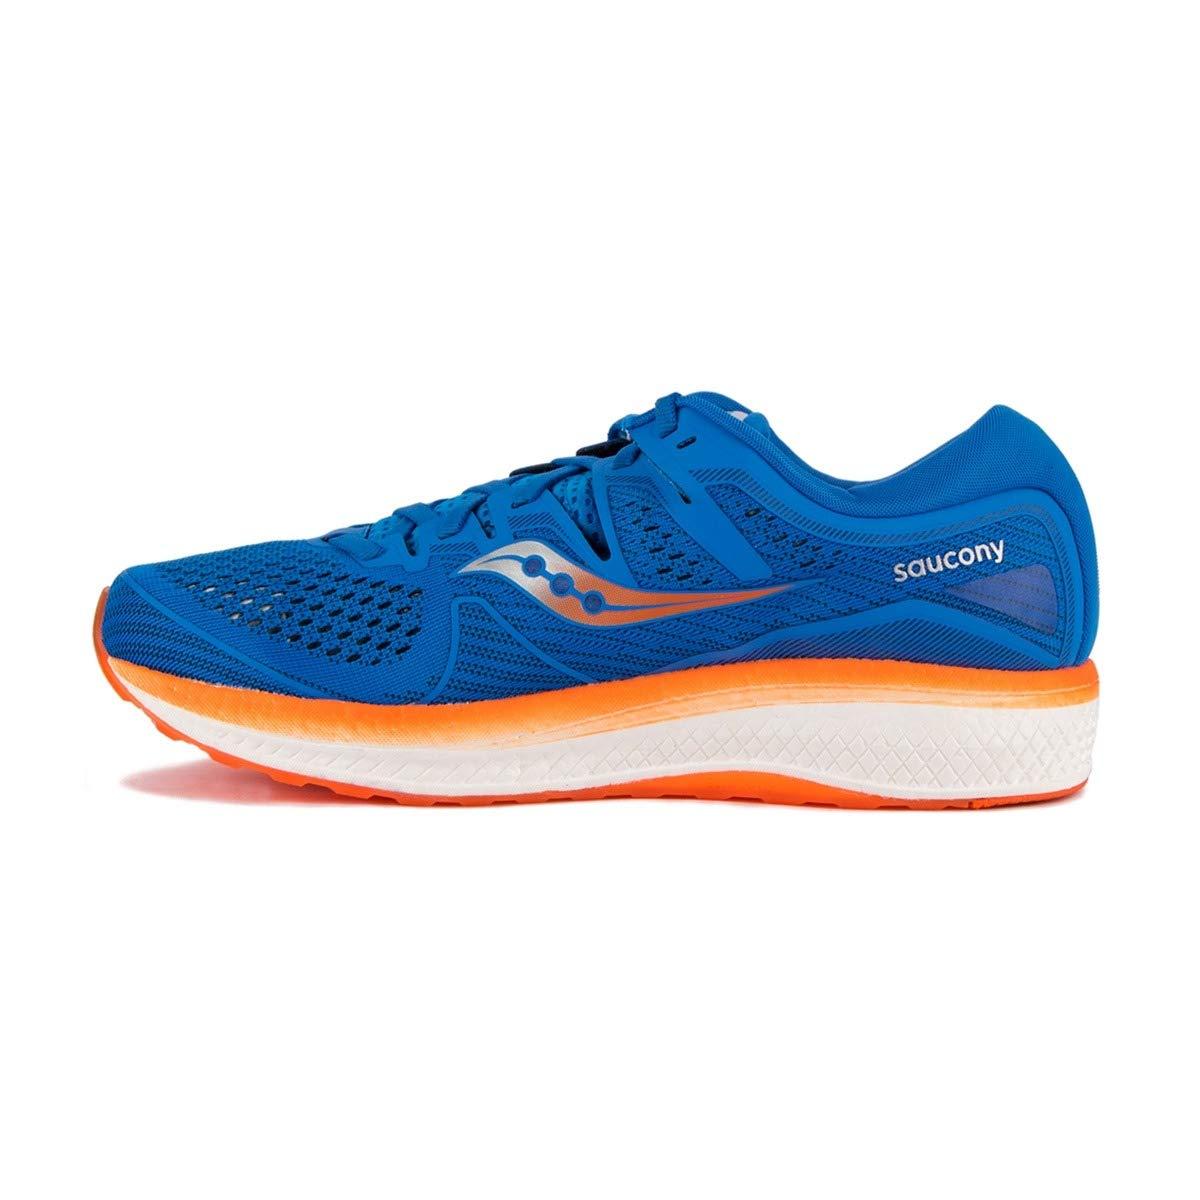 Saucony Triumph ISO 5  Amazon.co.uk  Shoes   Bags 4e38616018c